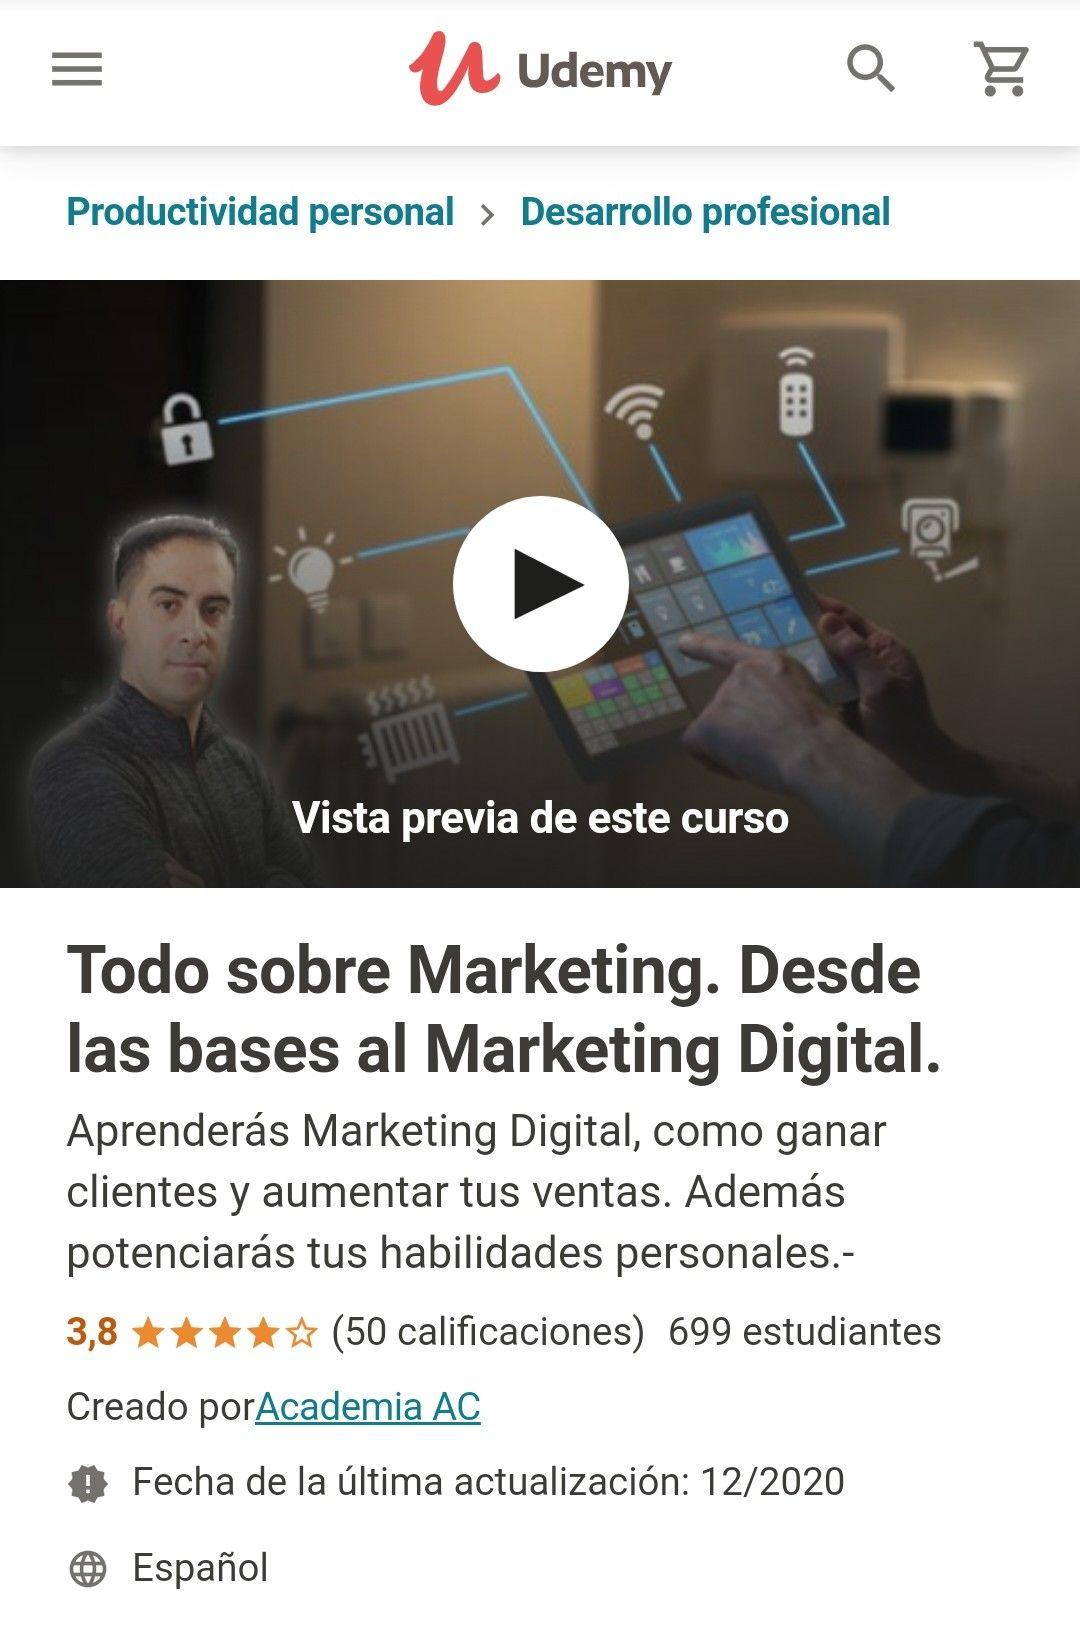 Udemy: Todo sobre Marketing. Desde las bases al Marketing Digital